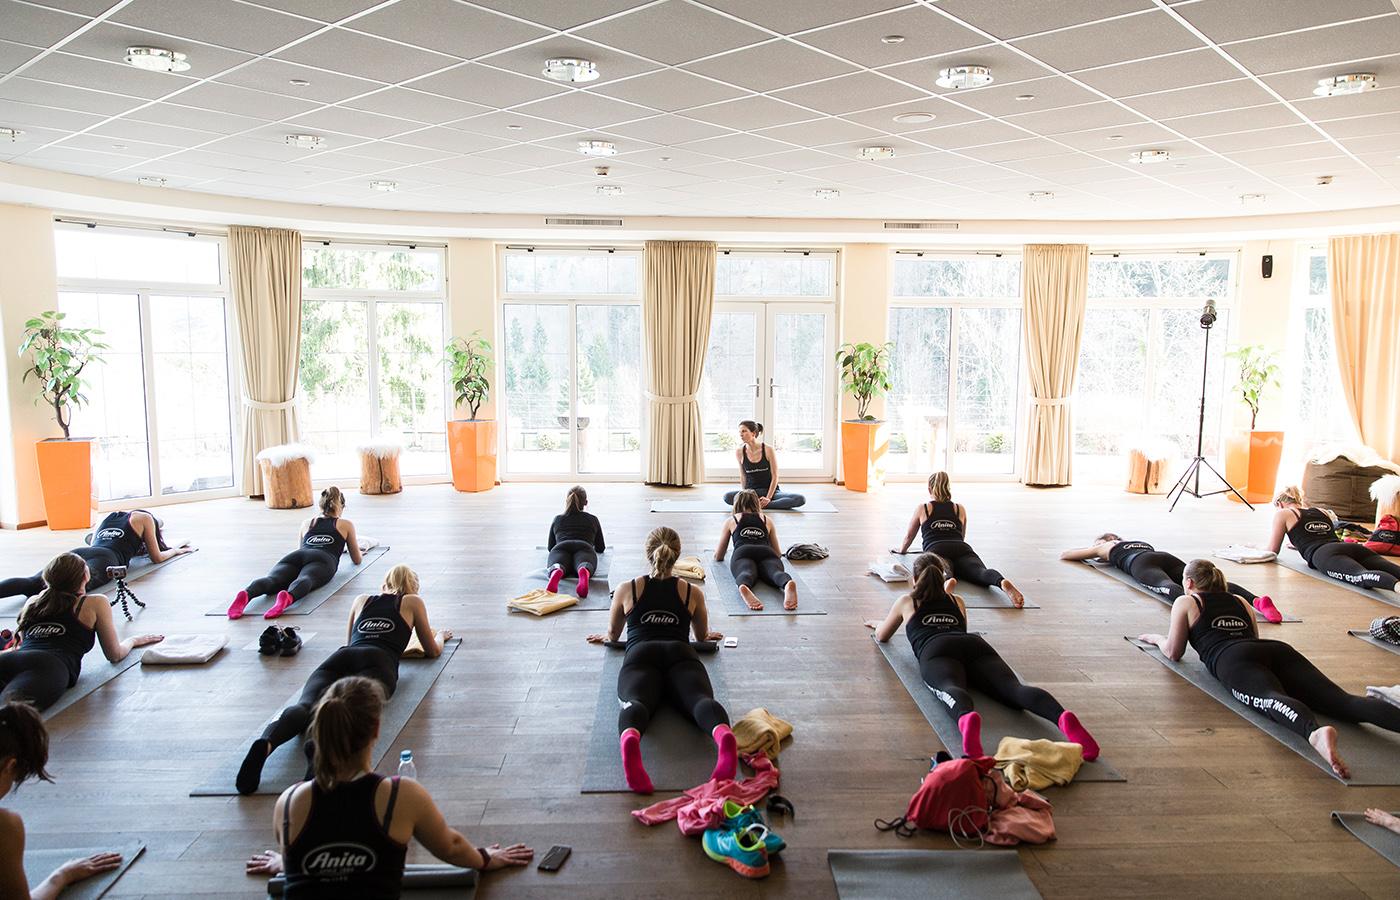 Yoga als aktive Regeneration nach einer körperlichen Belastung